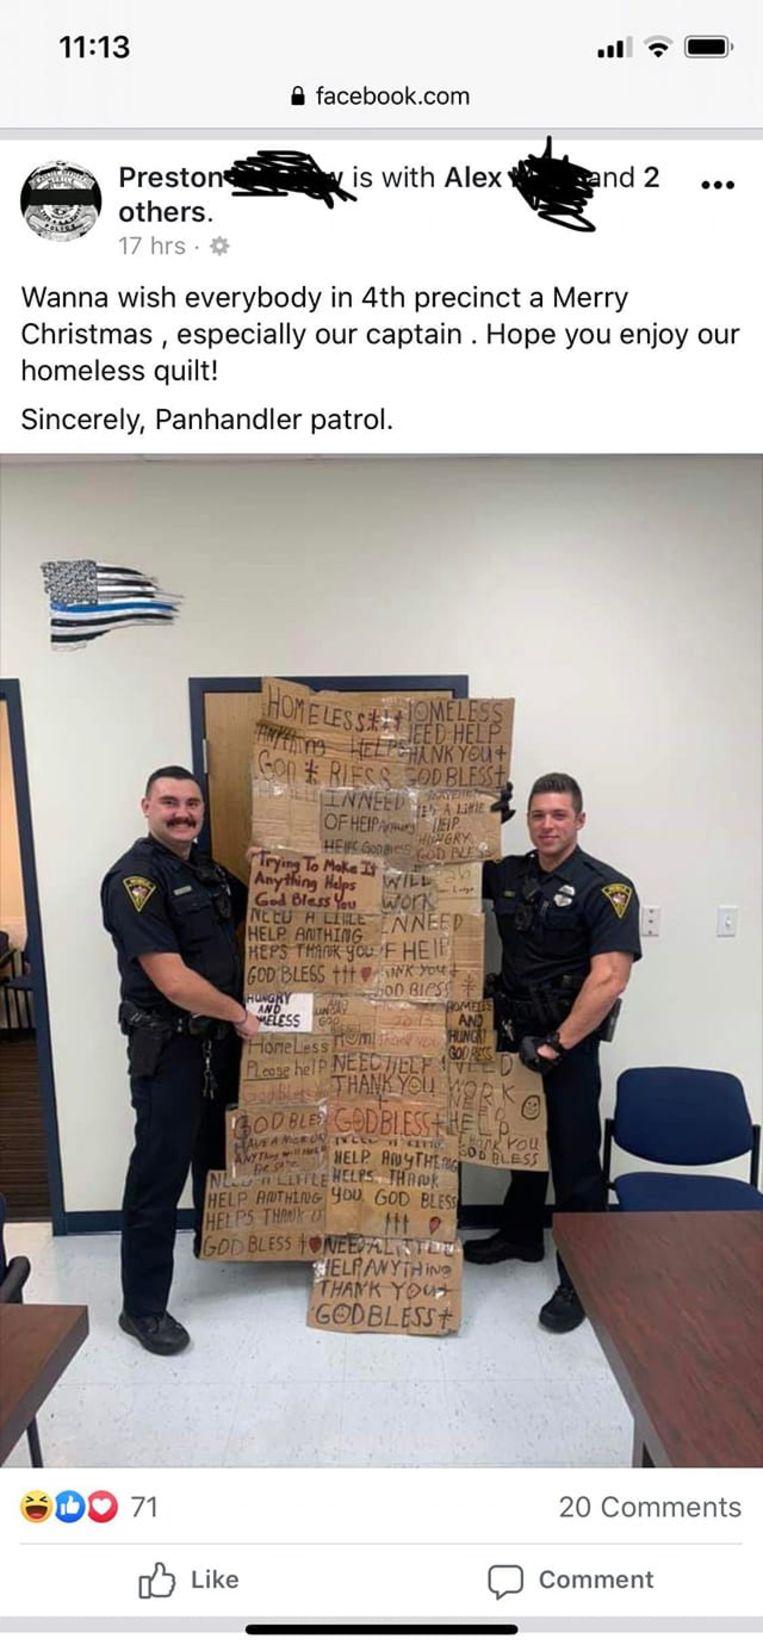 De agenten hebben hun bericht verwijderd, maar de foto zweeft nog rond op sociale media.